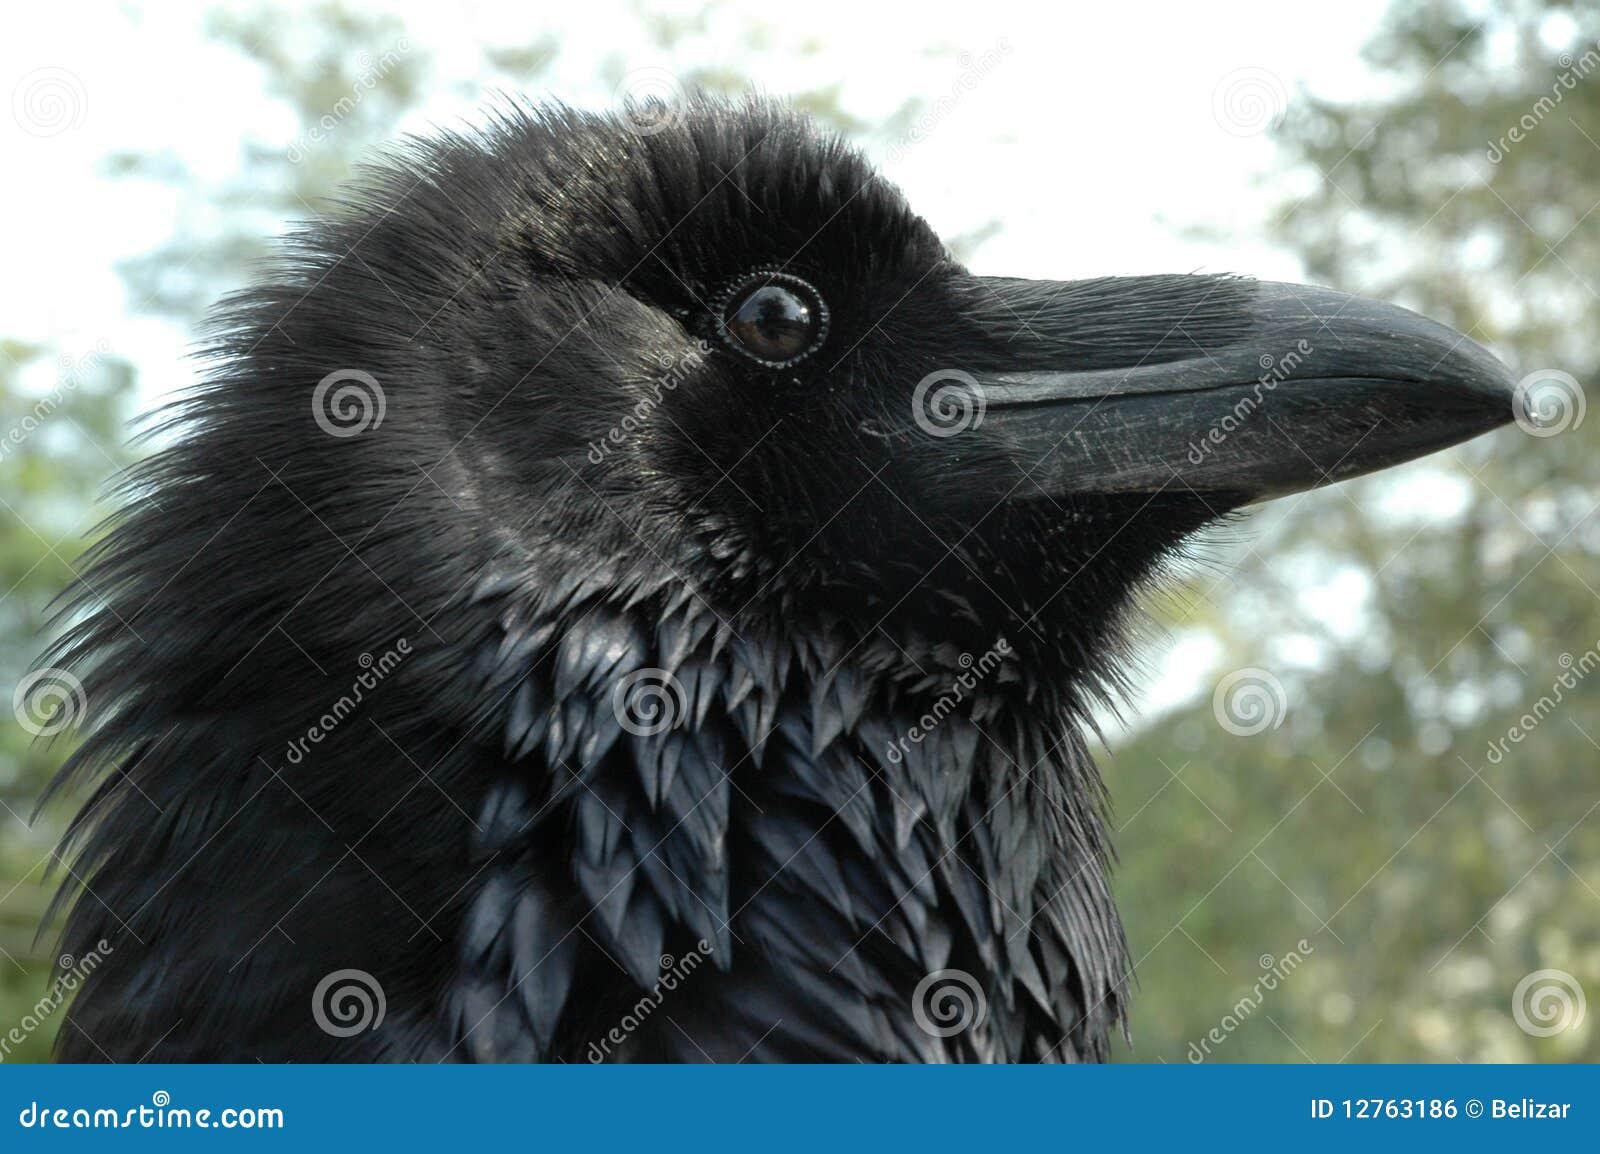 Raven head (Corvus corax)